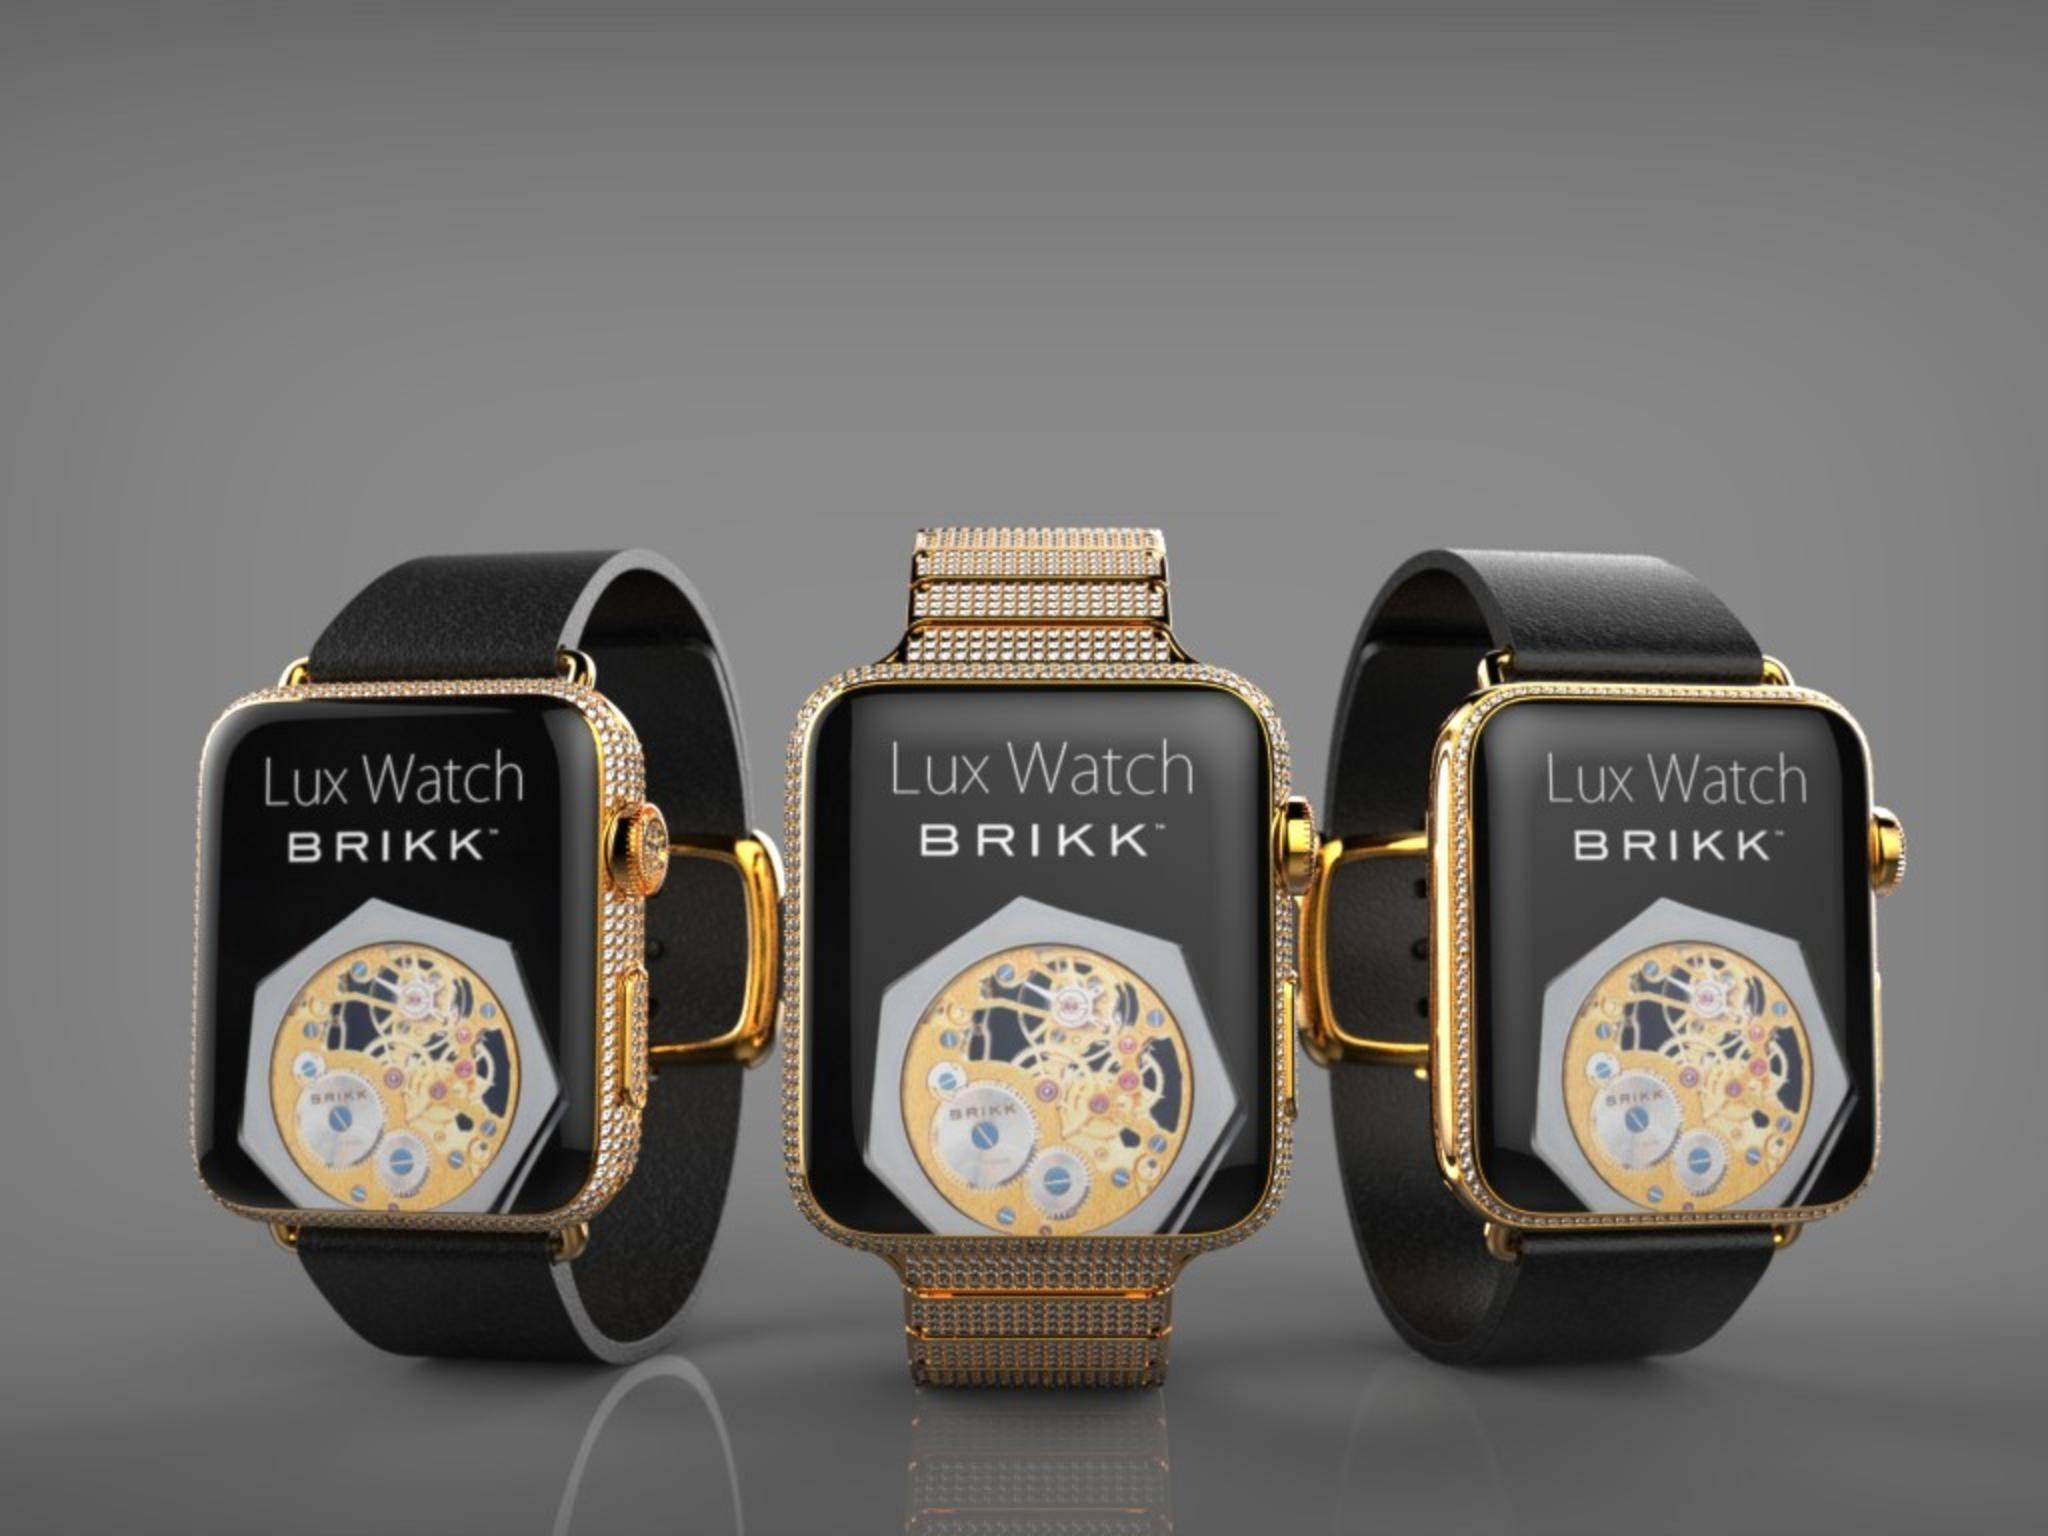 Brikk Lux Watch